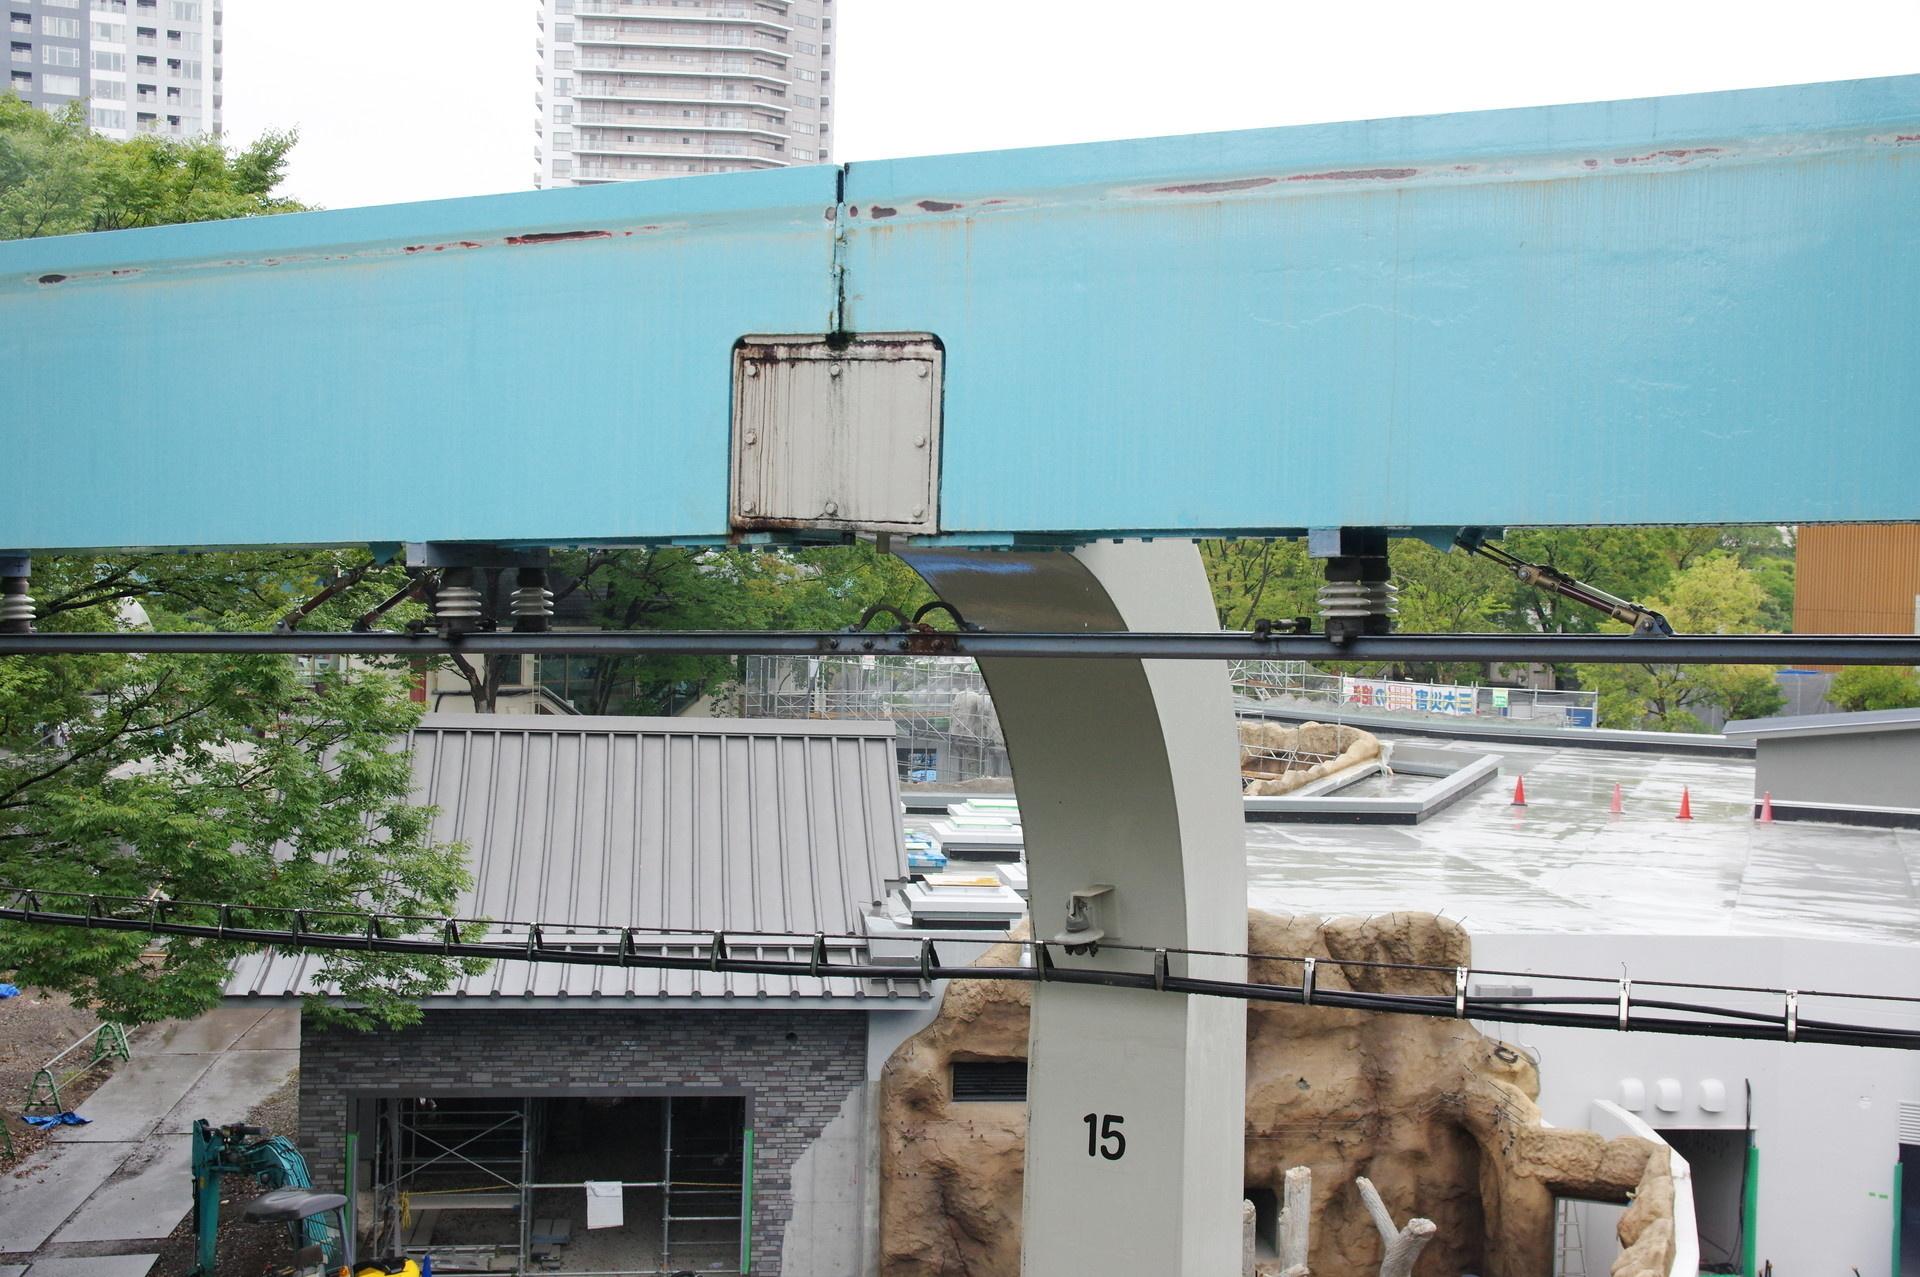 15番橋脚のレール接続部